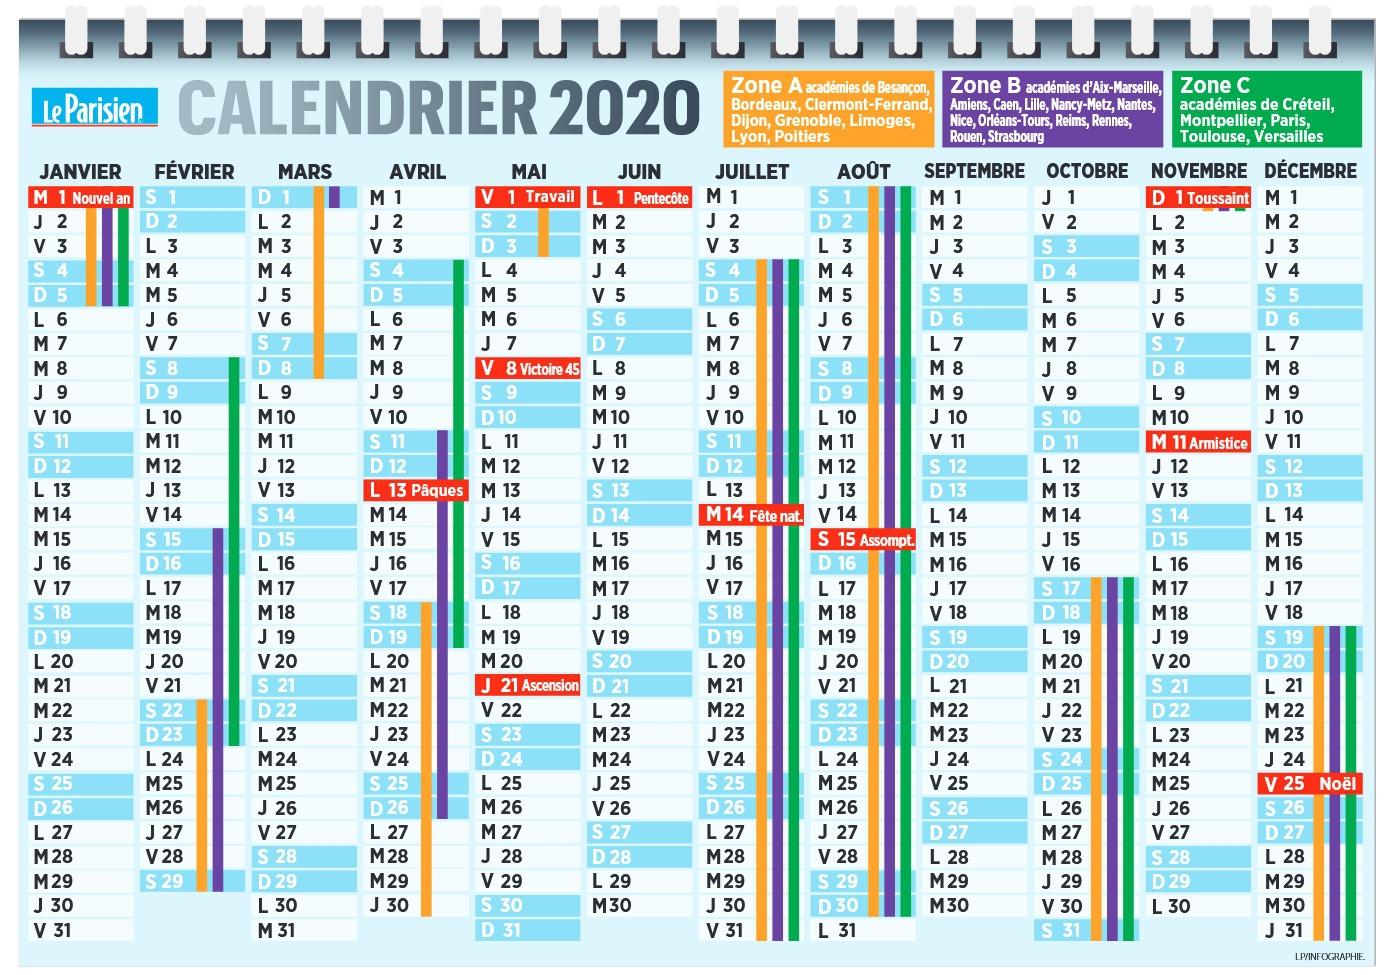 Dates Des Vacances 2019 / 2020 De La Rentrée 2020 - Pratique destiné Calendrier 2018 À Imprimer Avec Vacances Scolaires